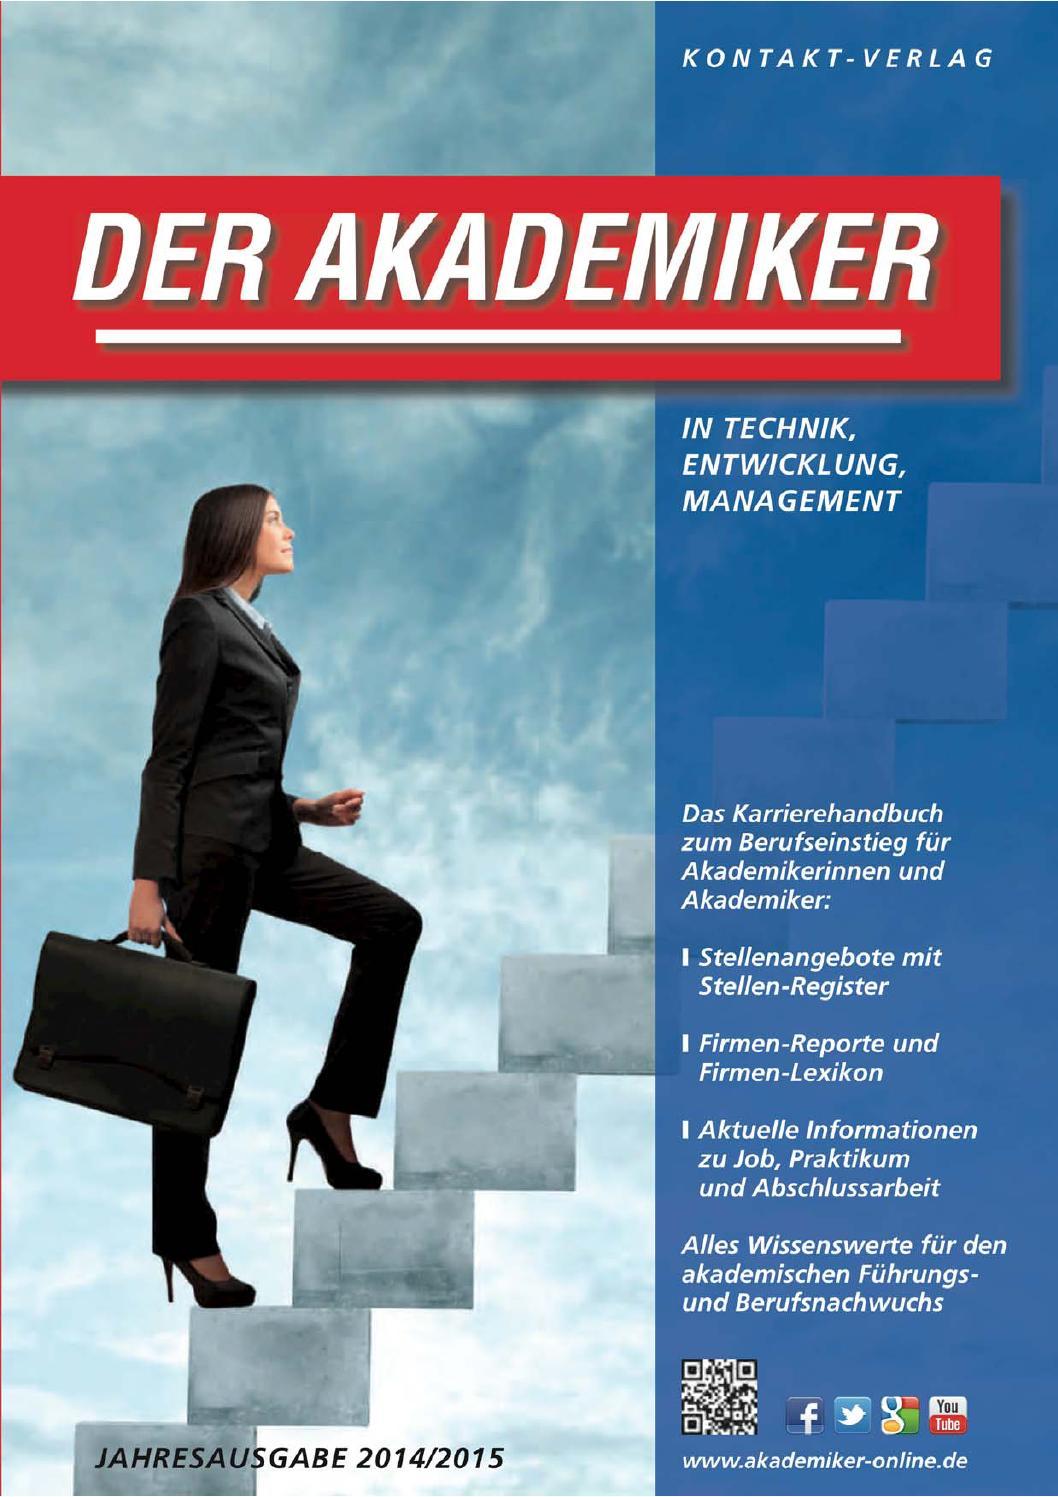 Akademikerverlag Erfahrung